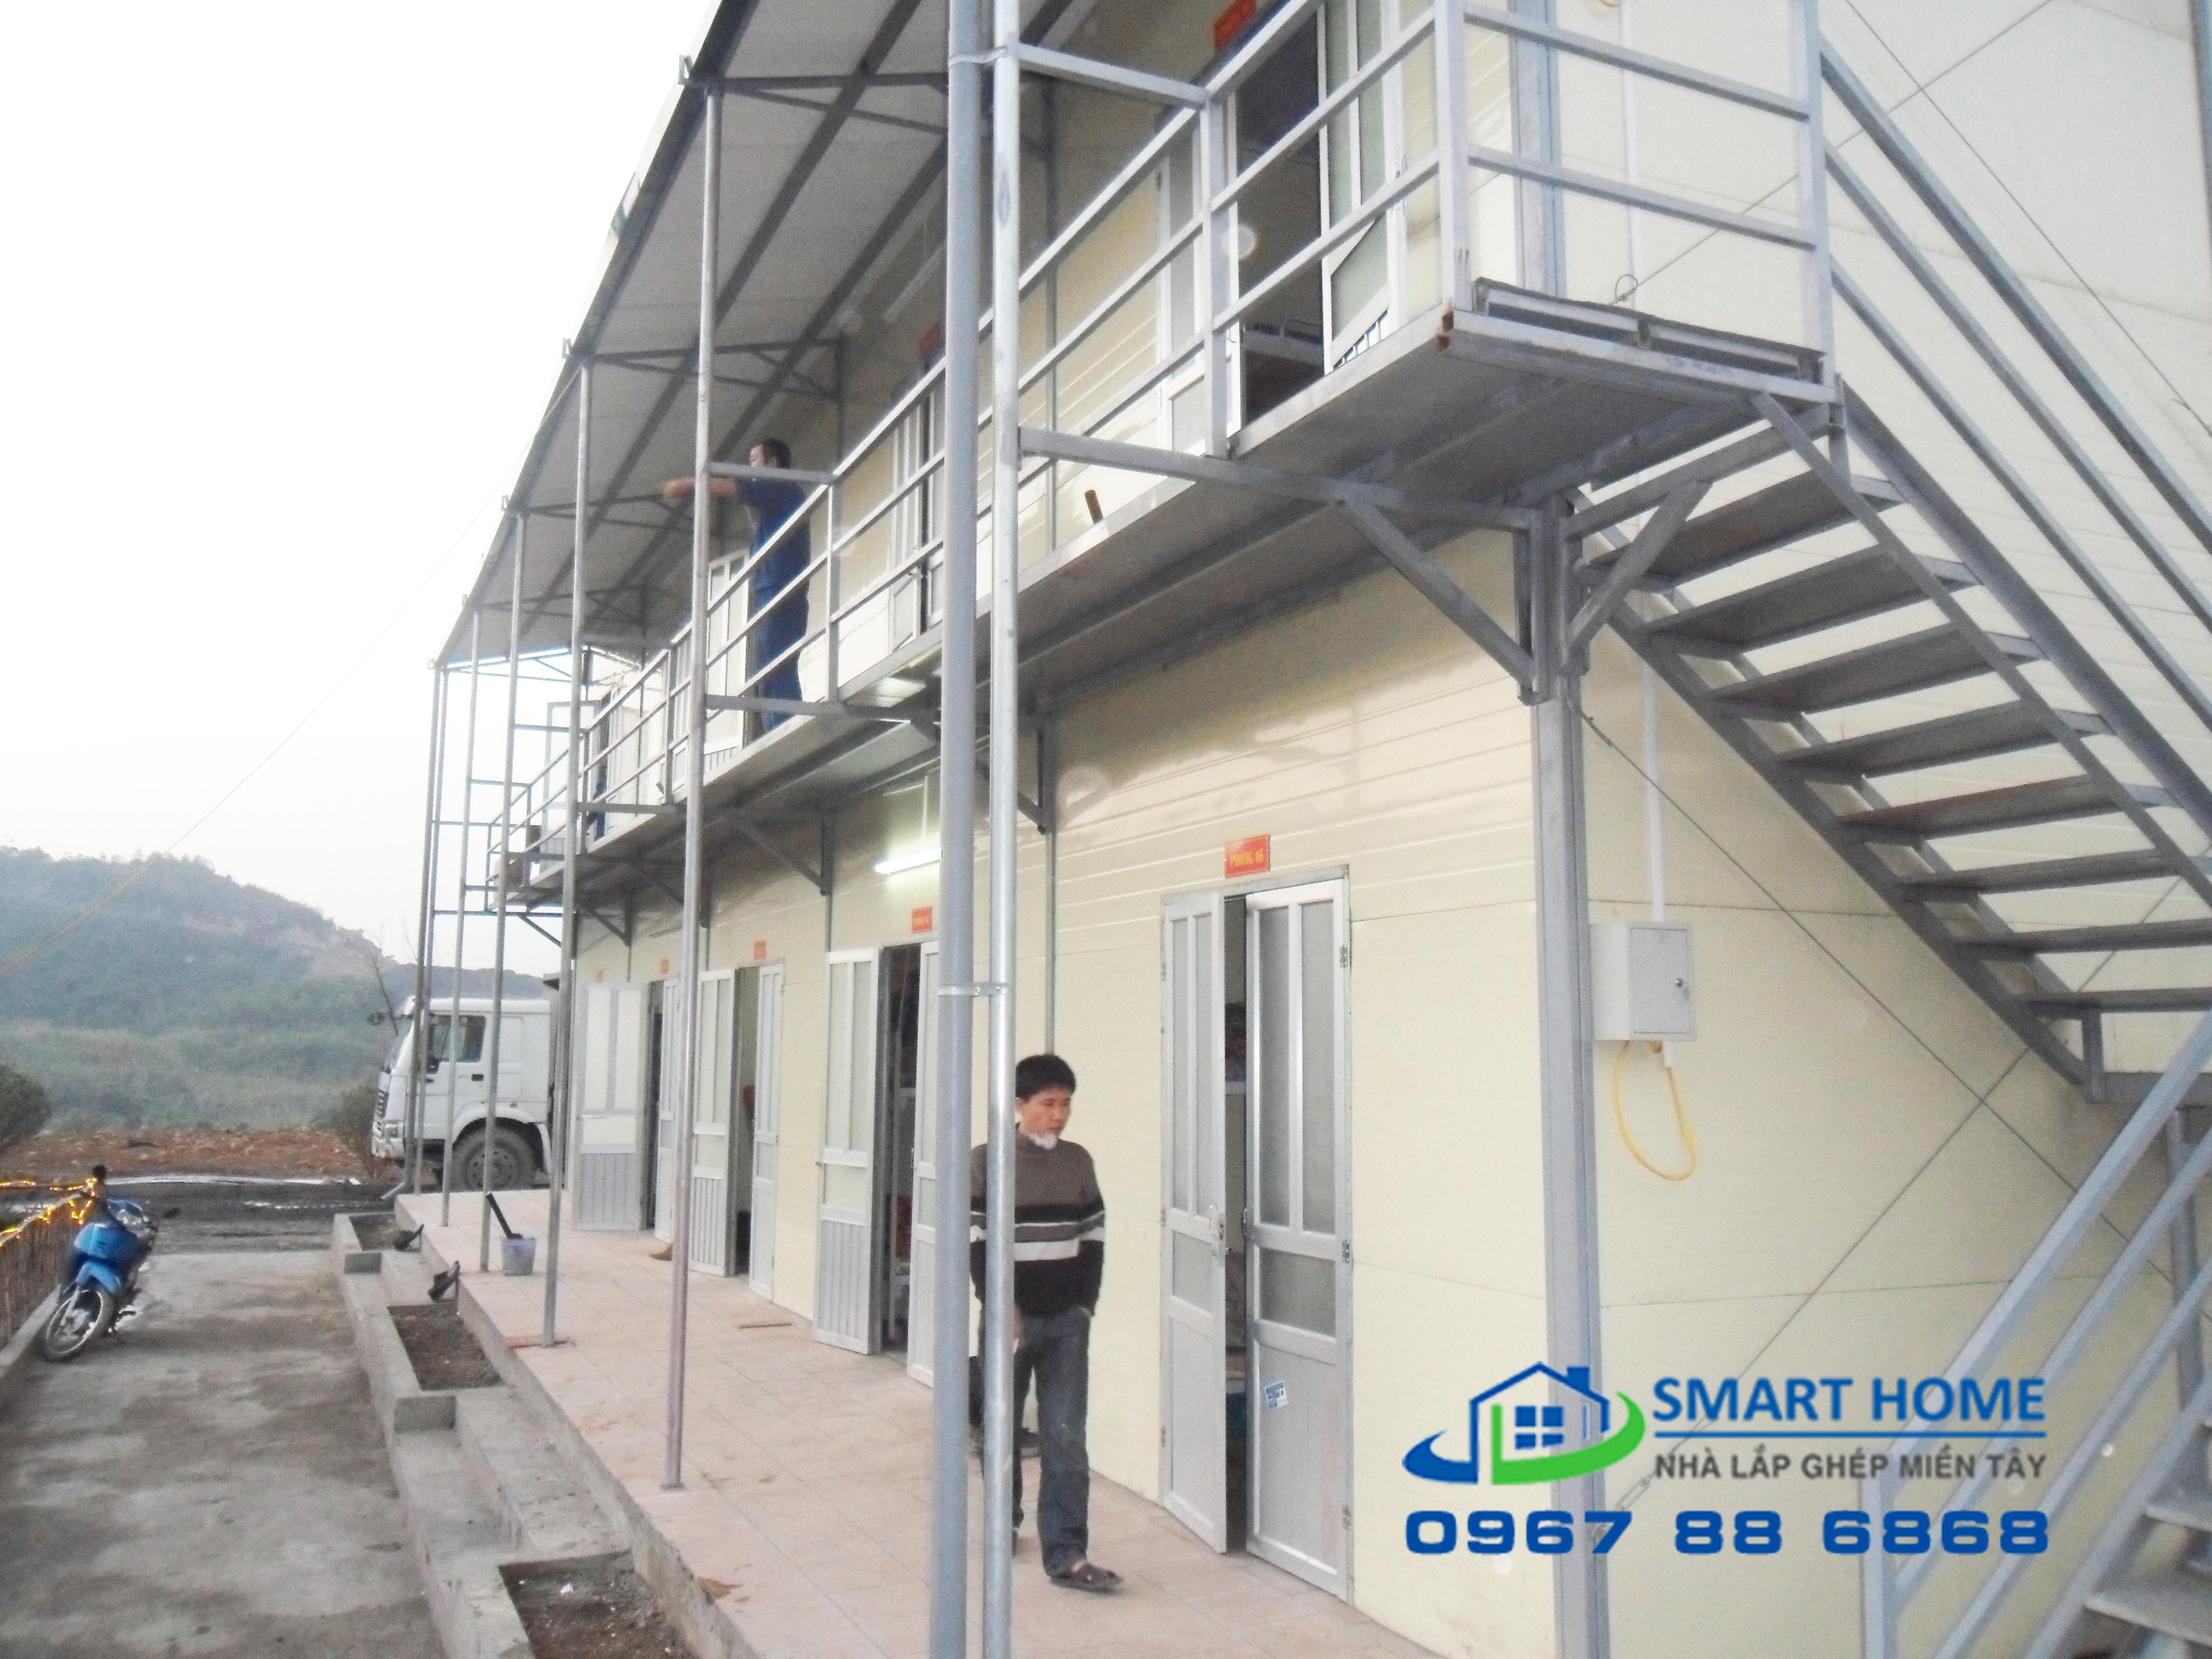 nhà ở công nhân xây bằng phương pháp lắp ghép